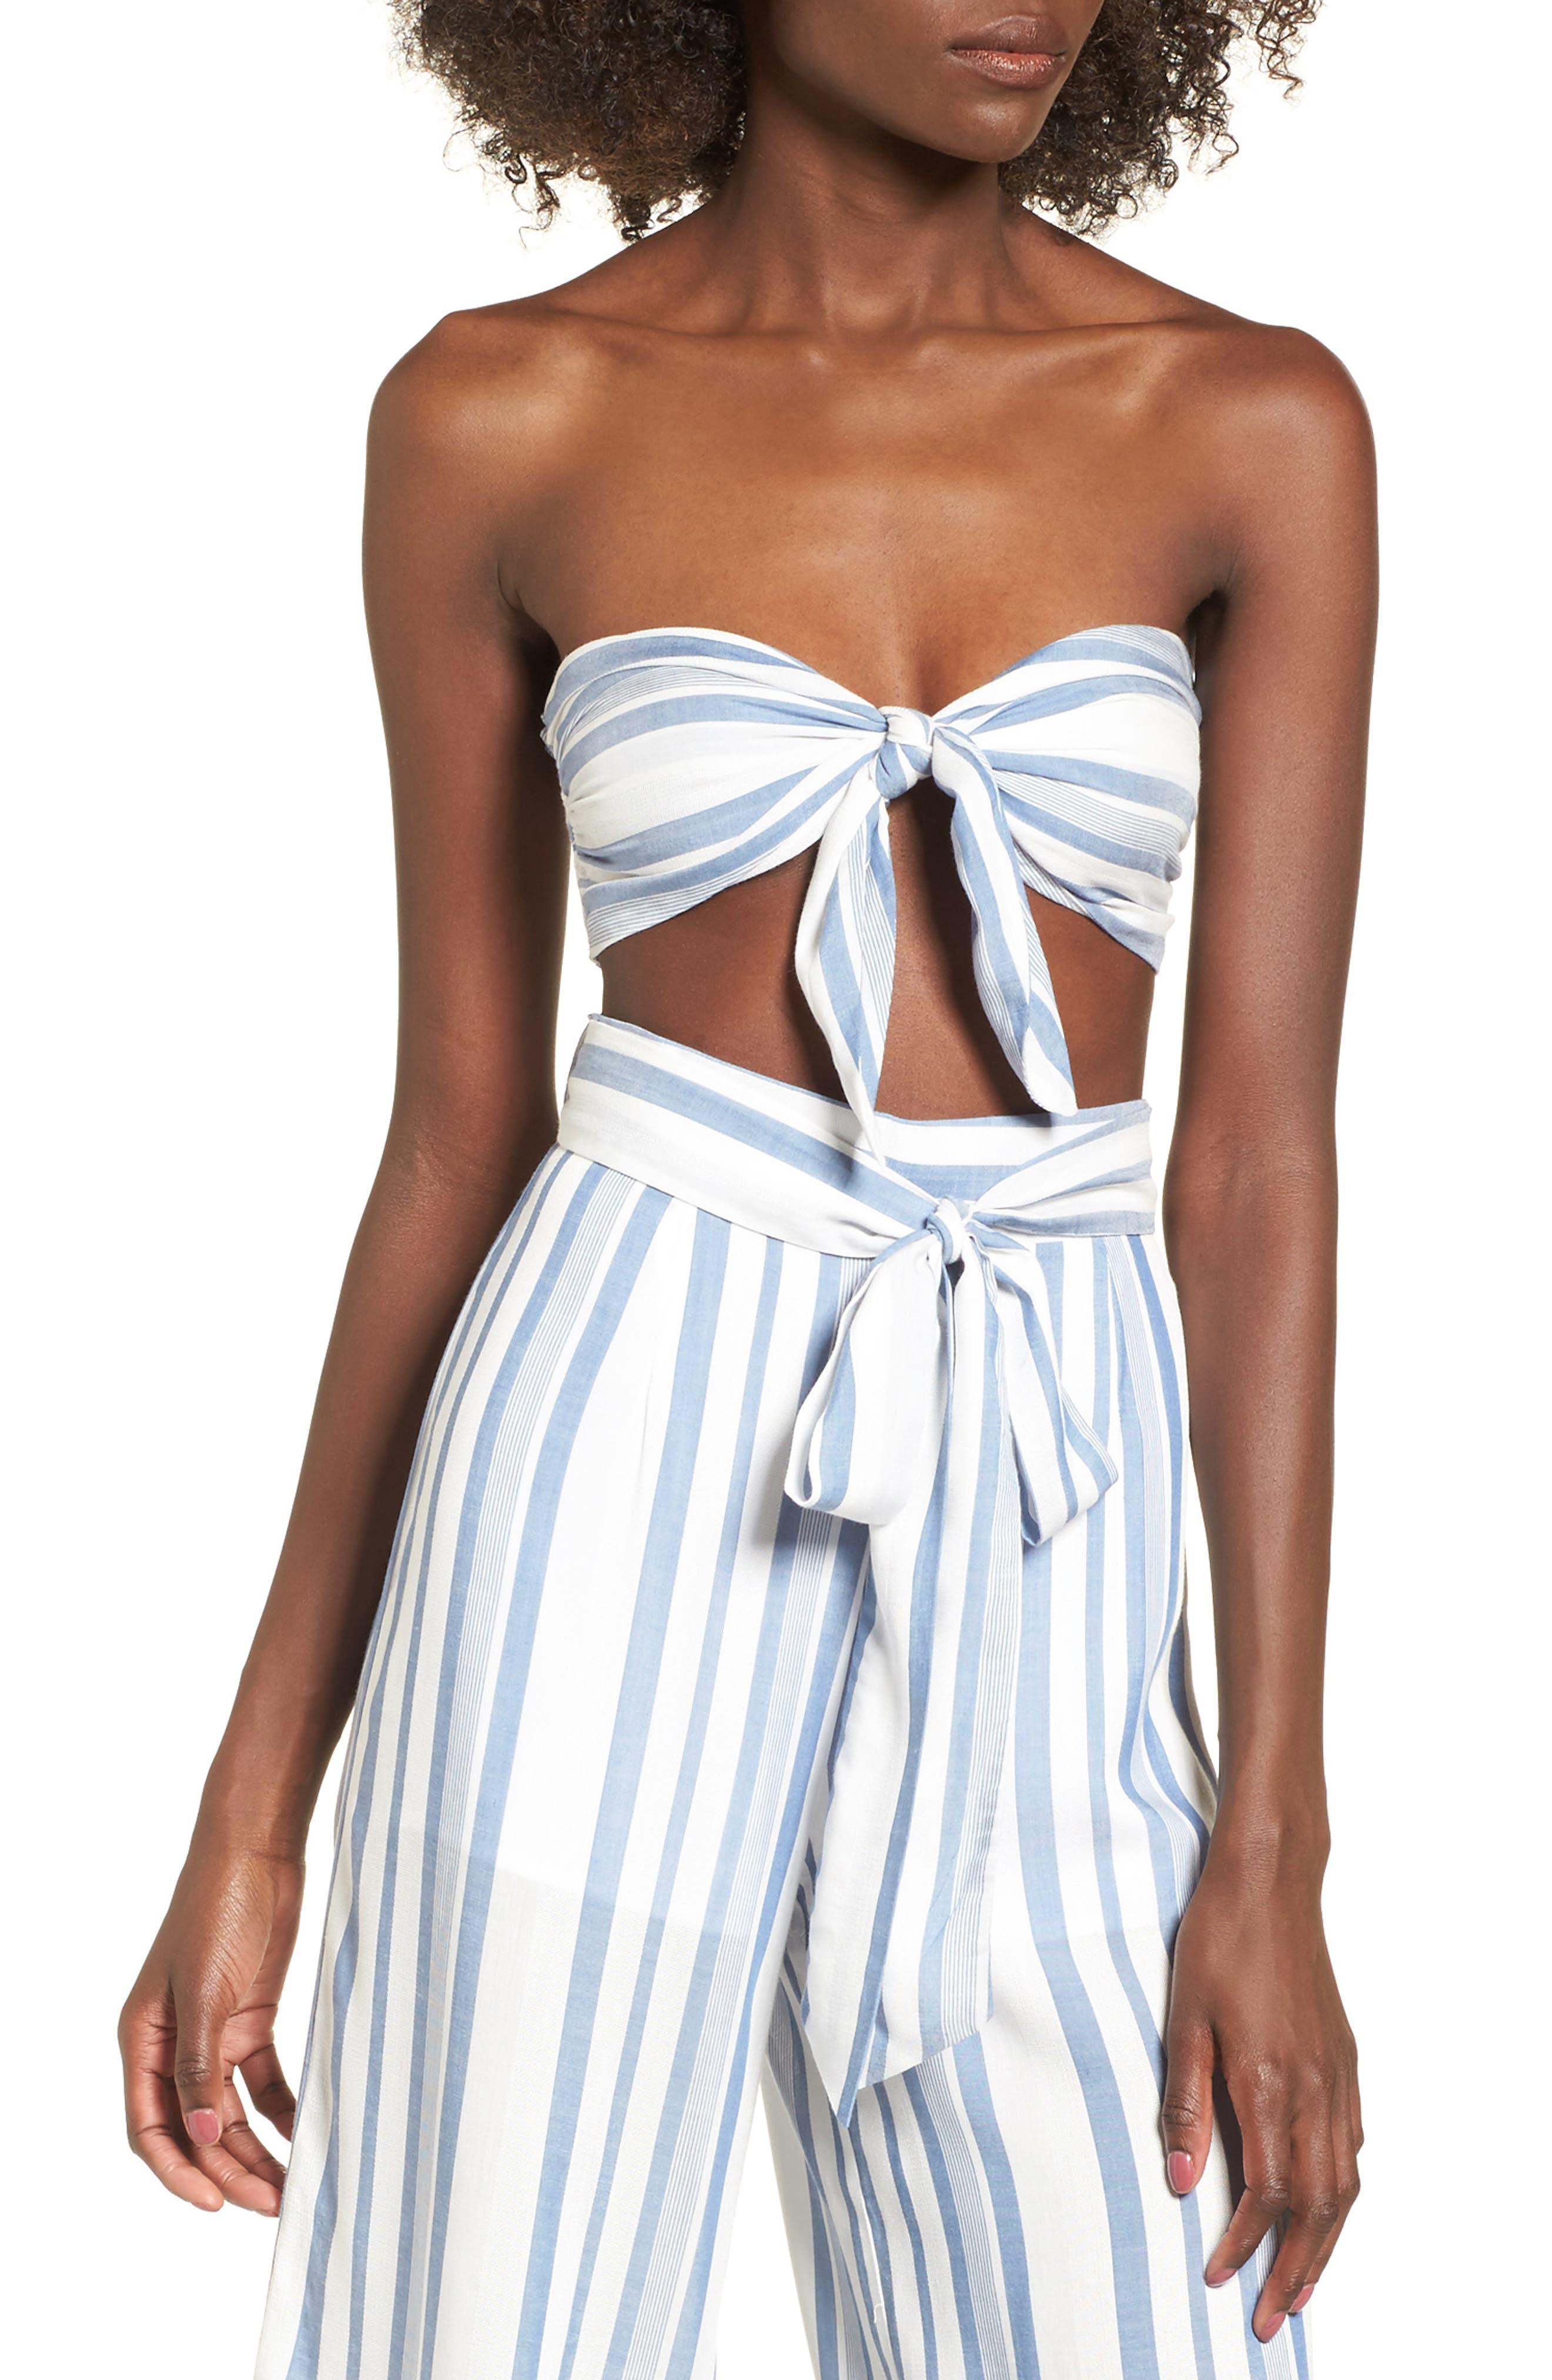 Marina Bandeau Top,                             Main thumbnail 1, color,                             White/ Blue